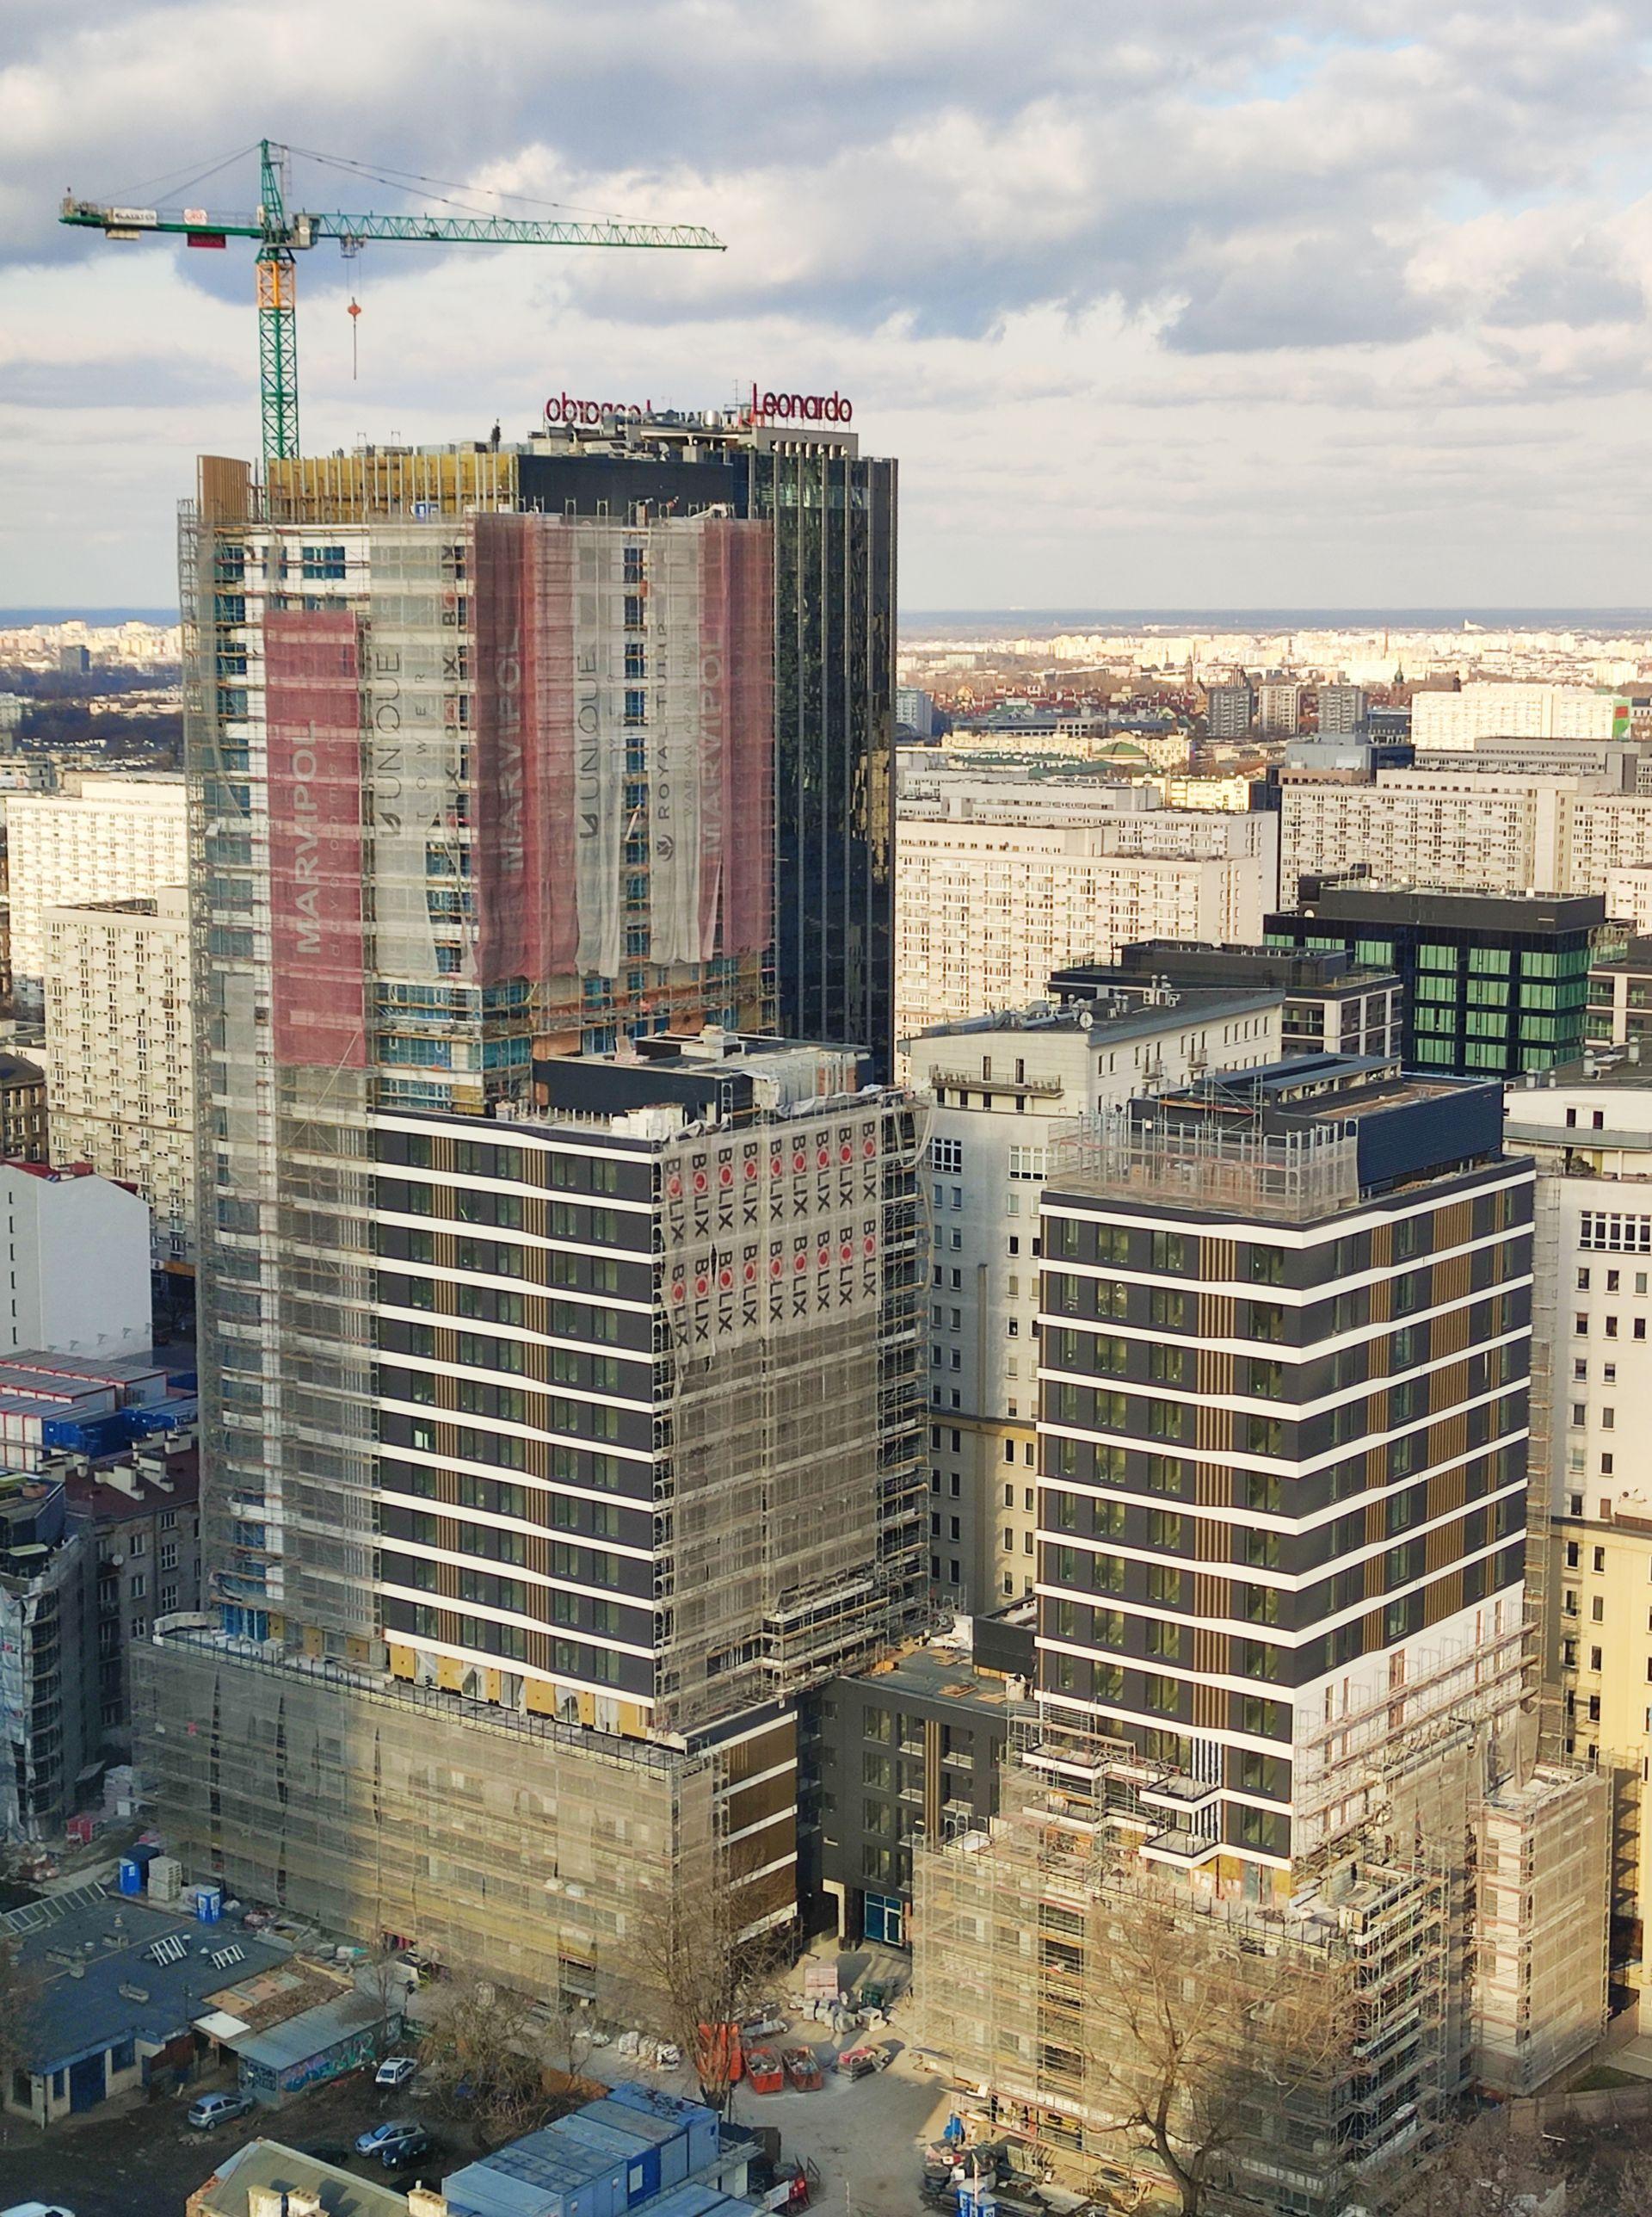 Na warszawskiej Woli dobiega końca budowa wieżowca Unique Tower